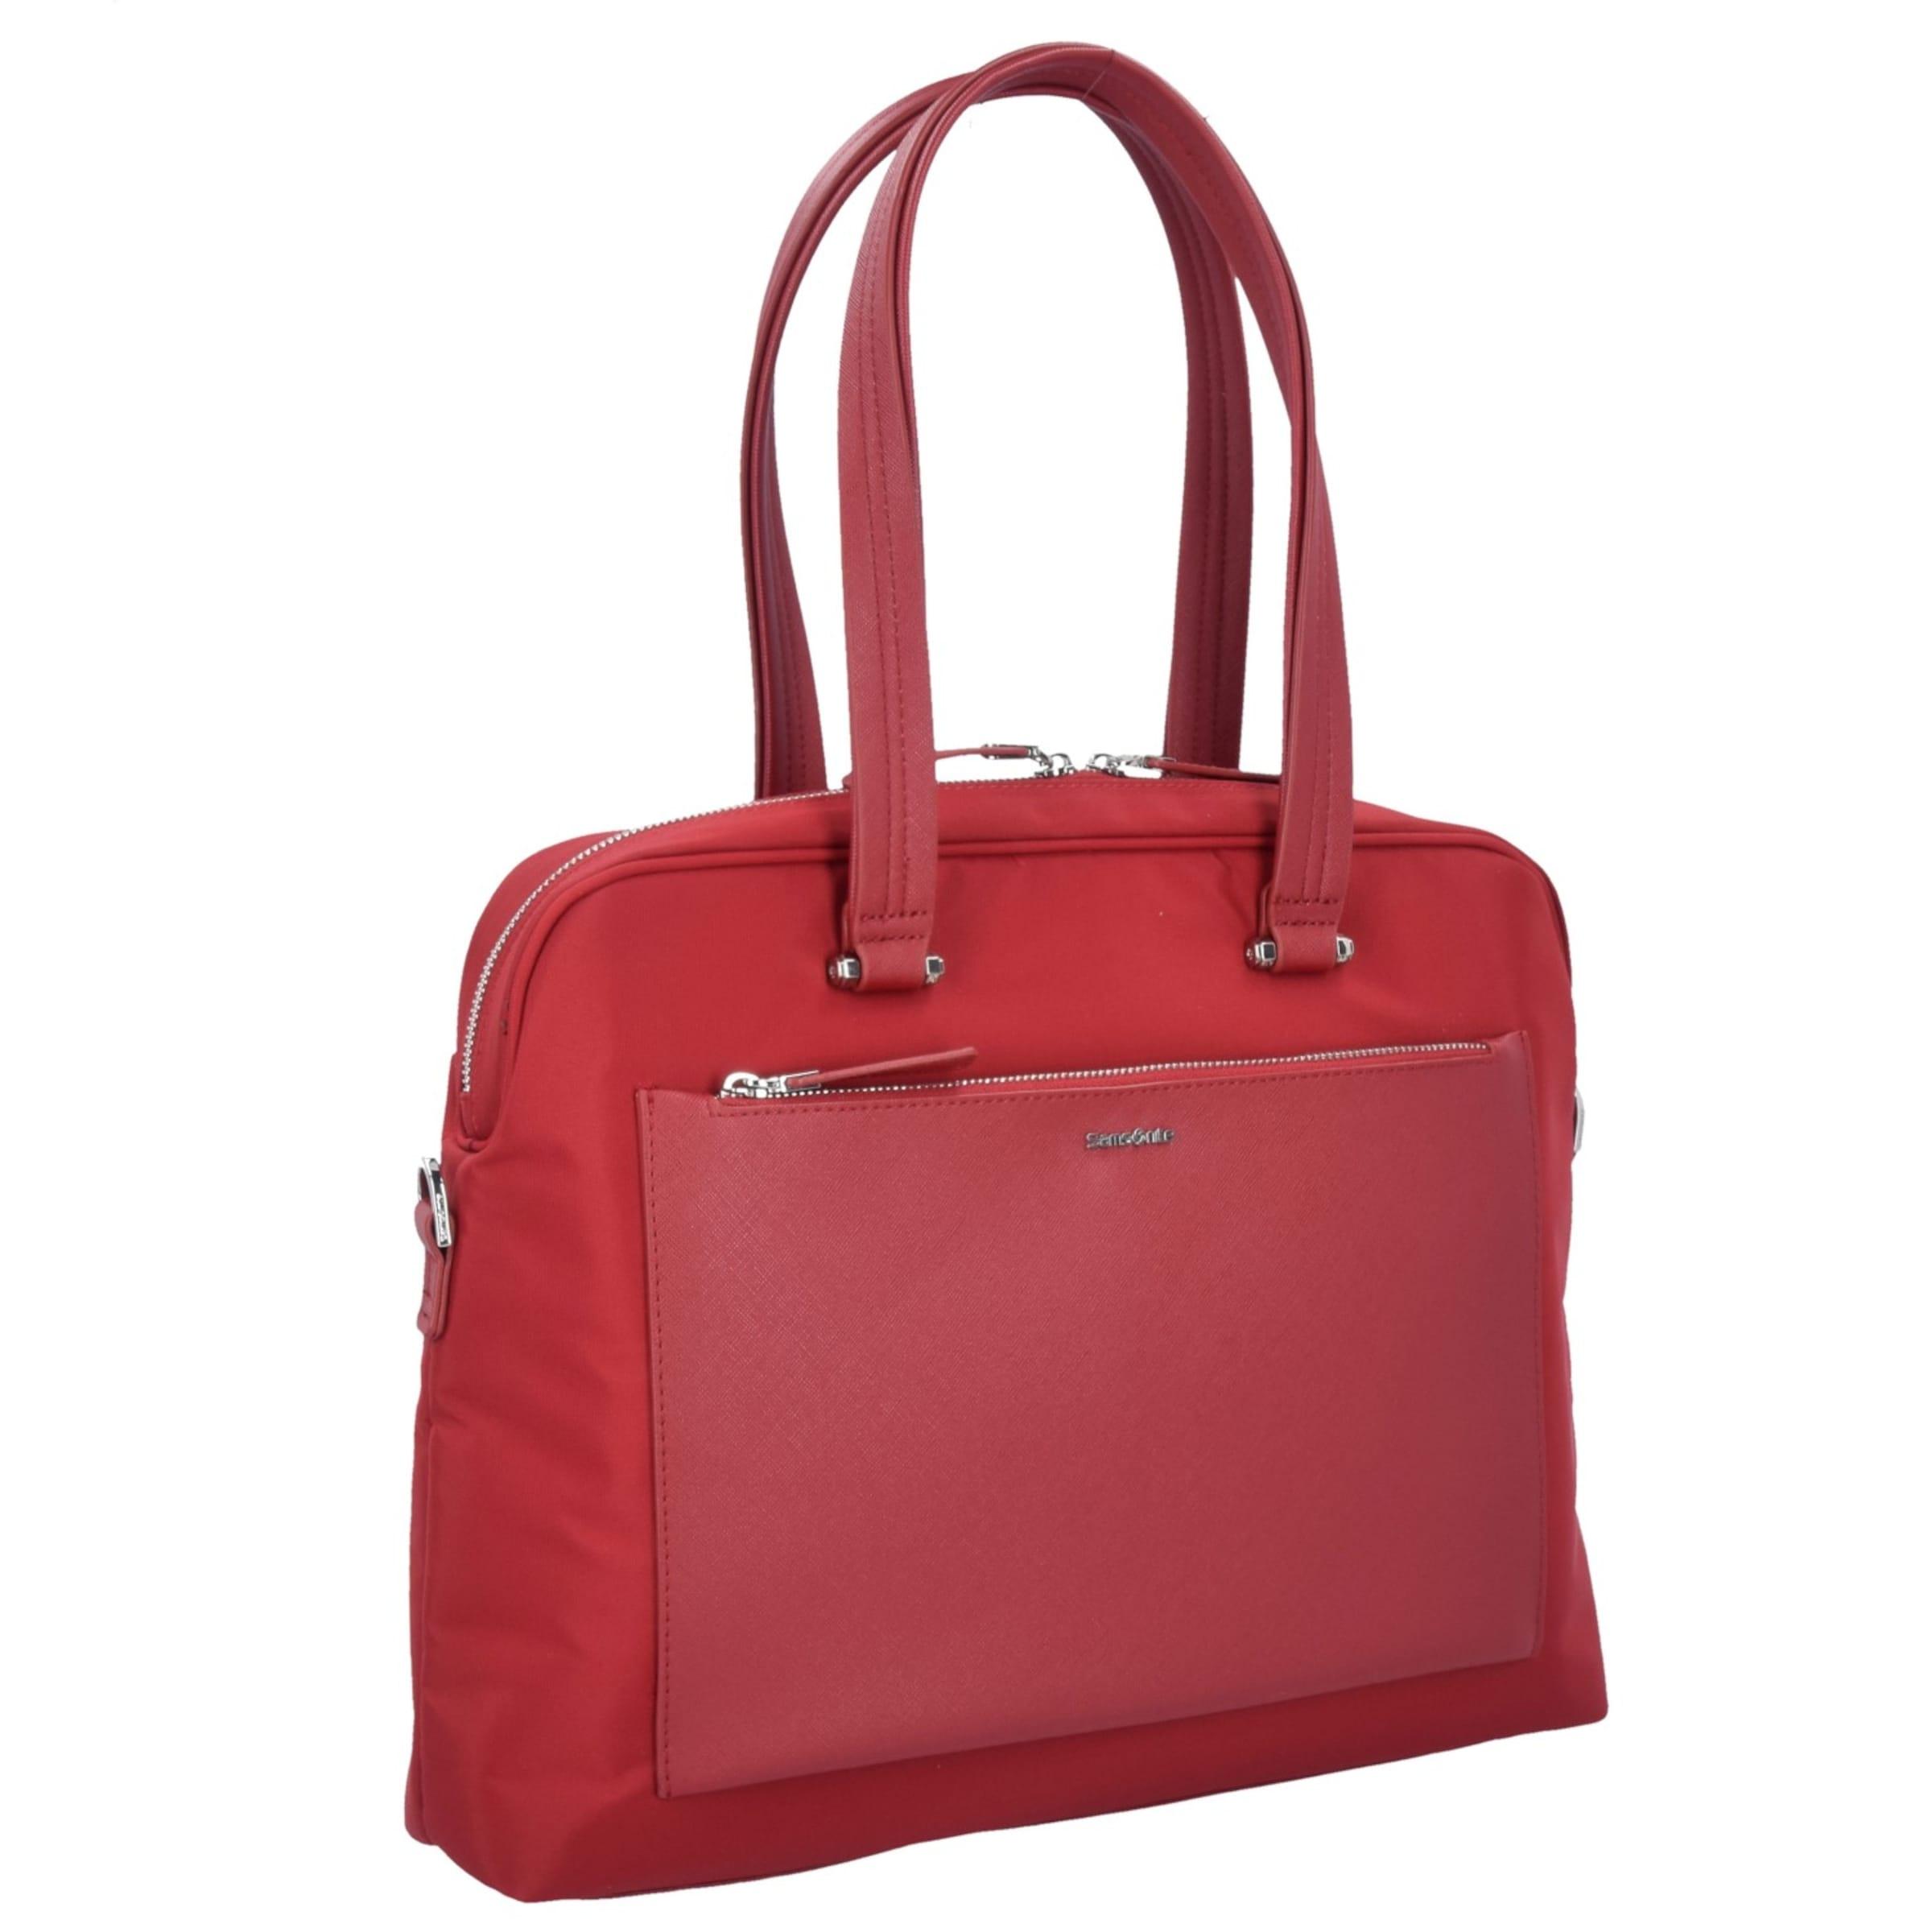 Zalia Samsonite Cm Businesstasche Laptopfach In Rot 41 WD29IEH